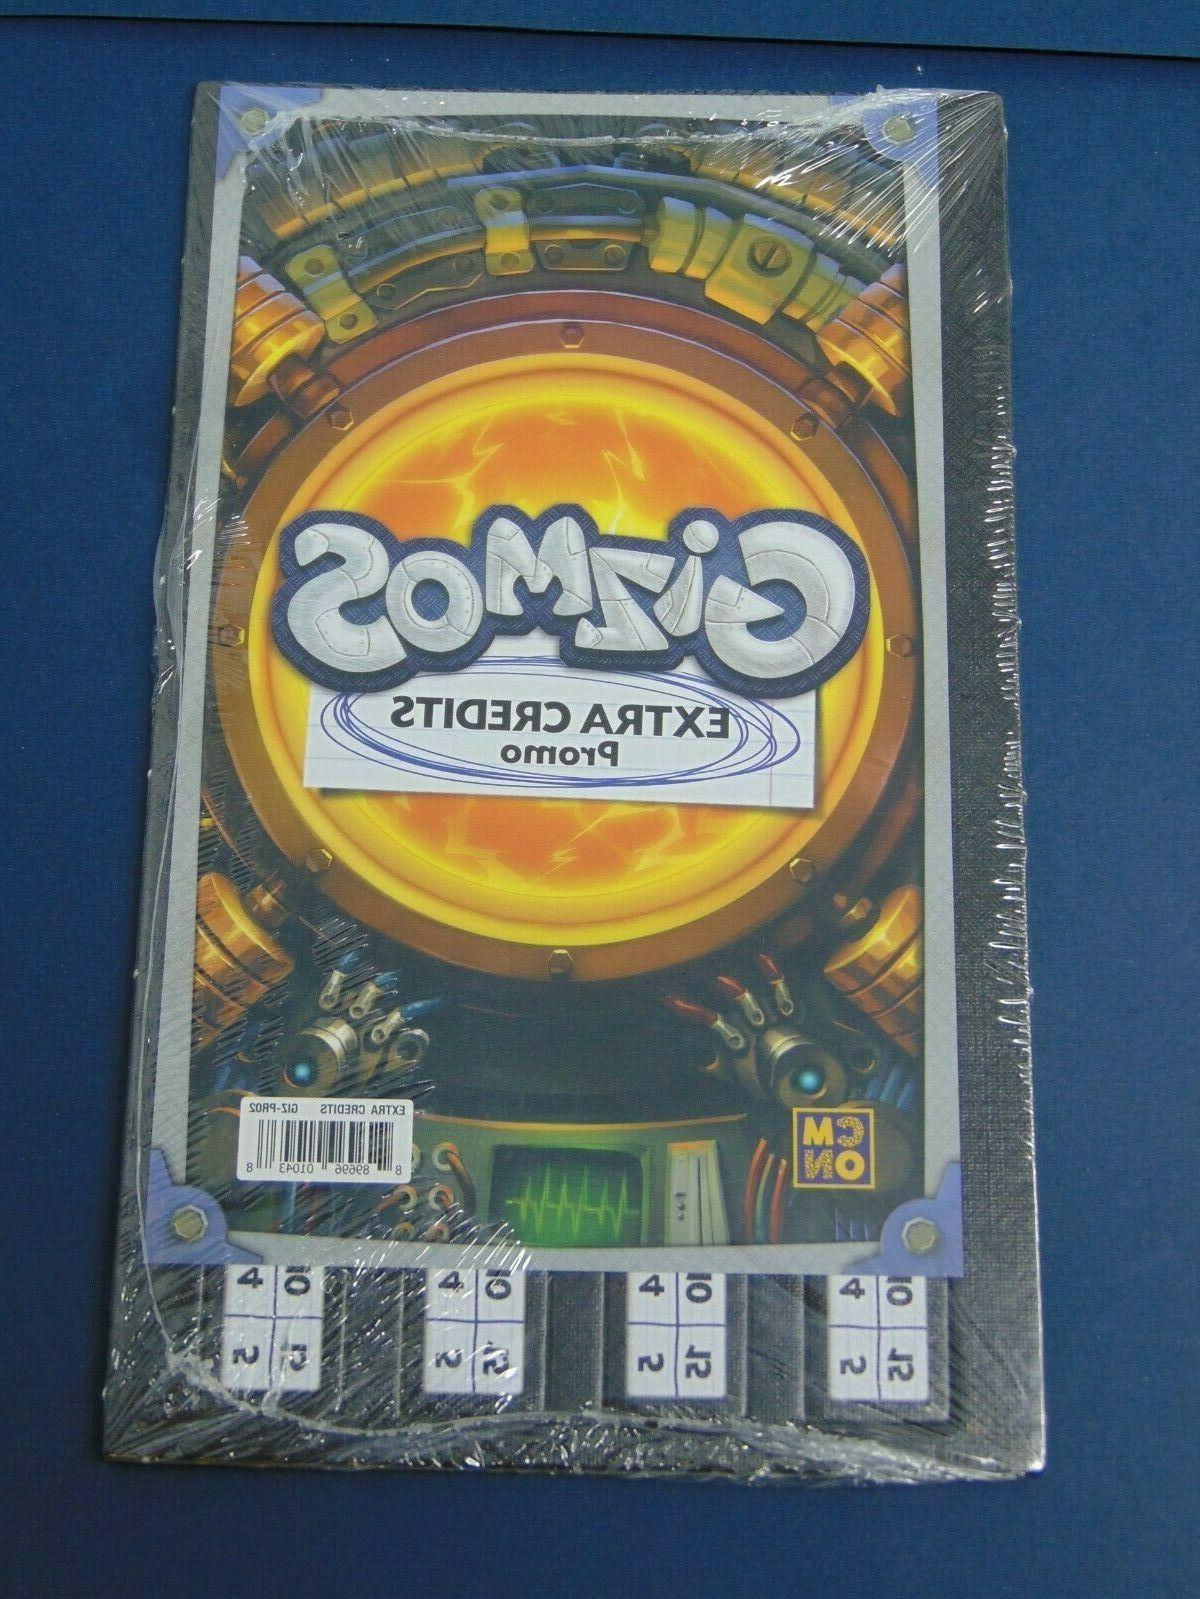 gizmos extra credits promo board game ez58